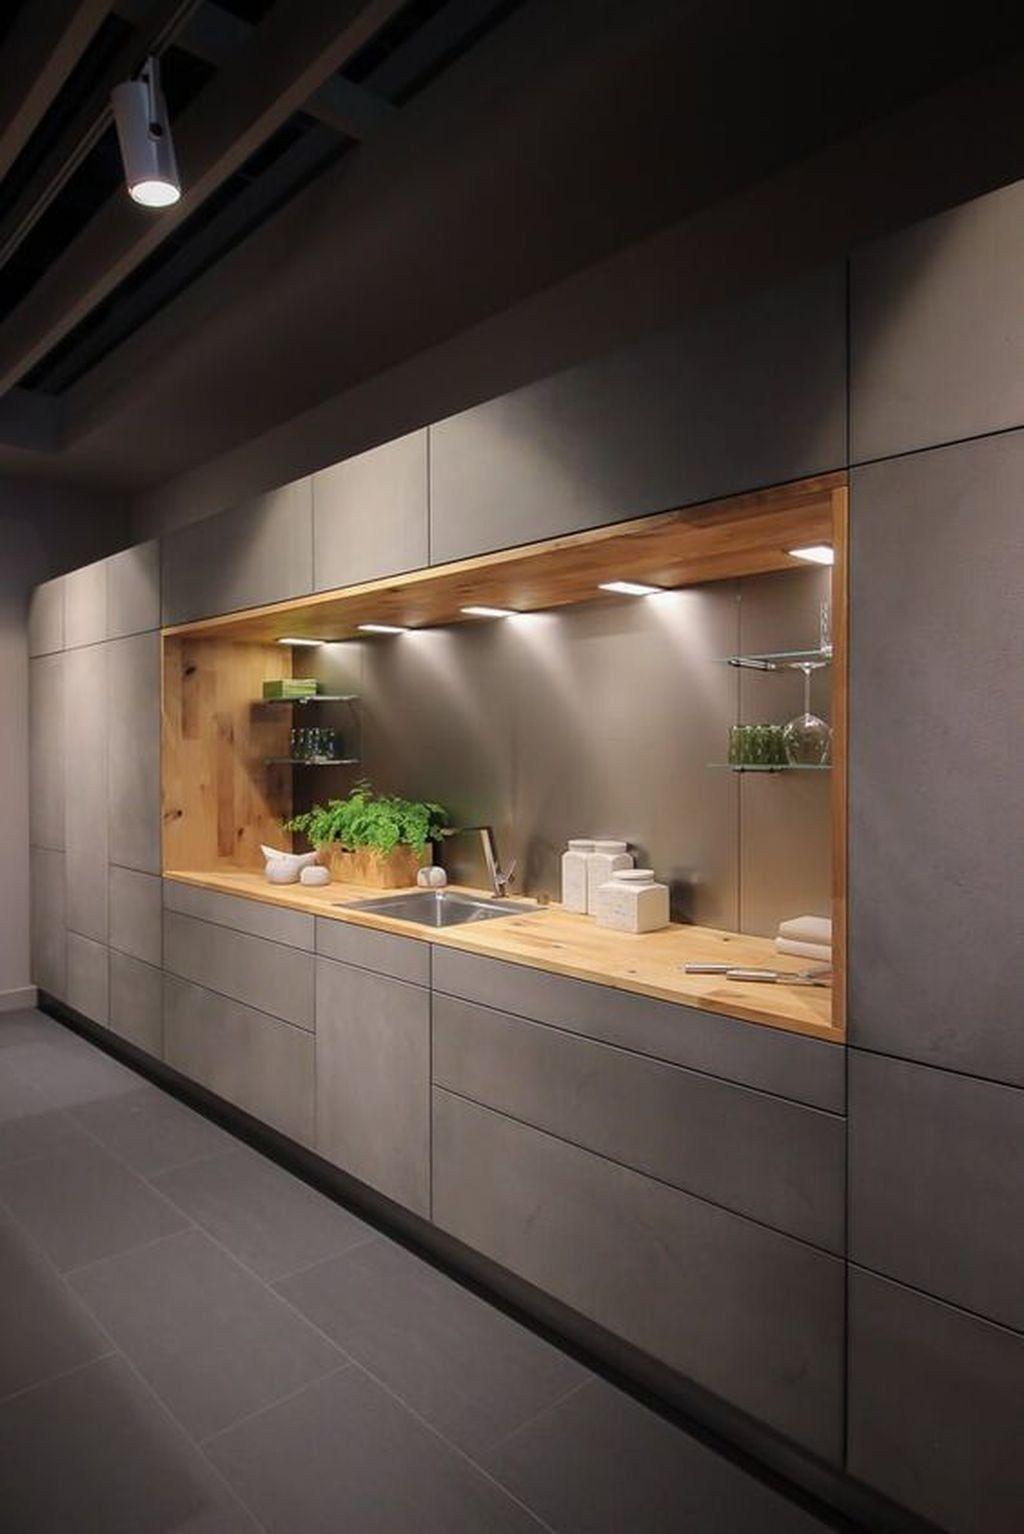 17 Inspiring Modern Luxury Kitchen Design Ideas  Modern kitchen